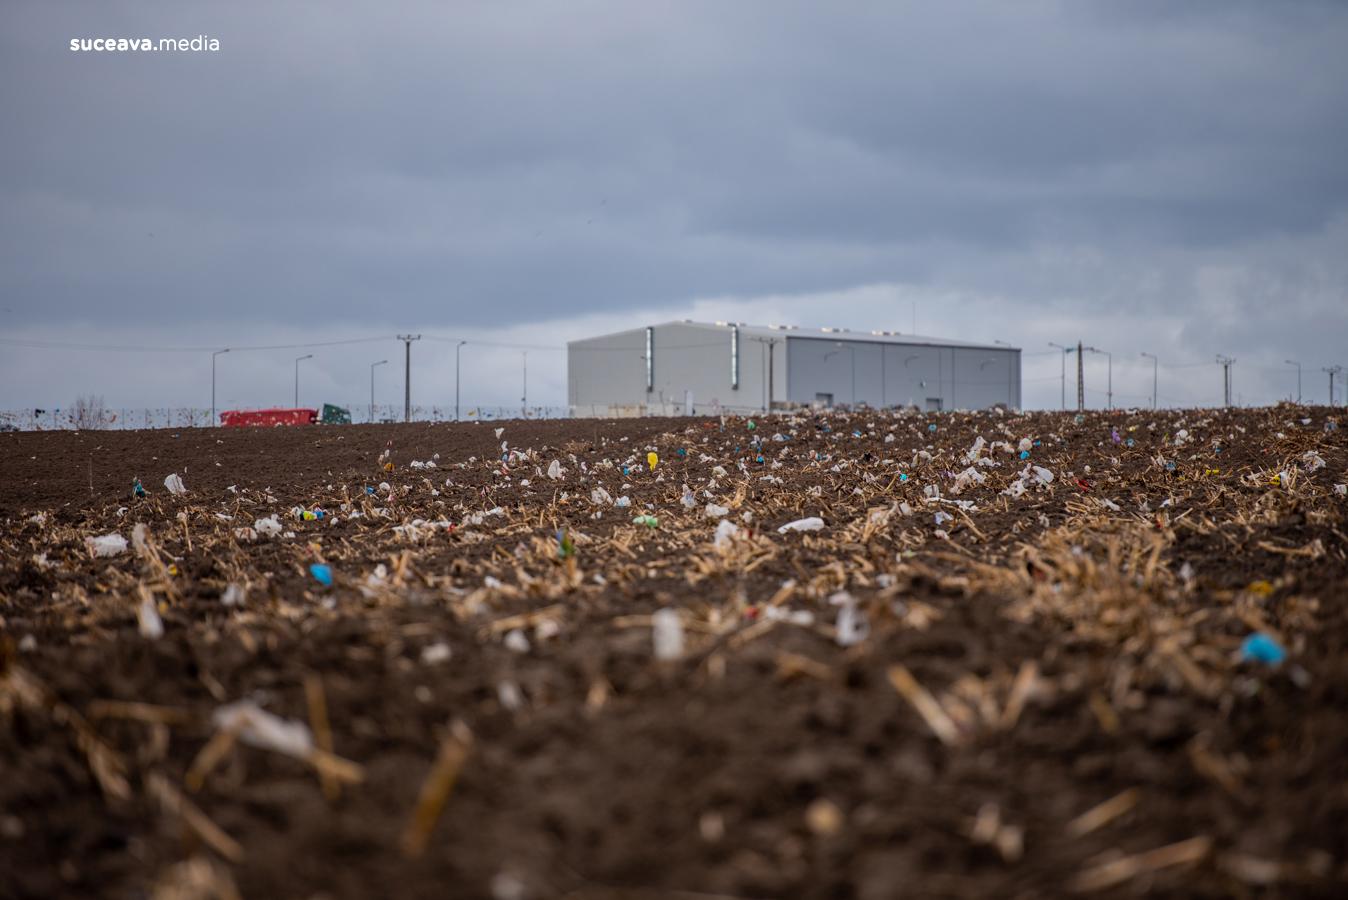 Deșeuri împrăștiate de vânt în împrejurimile Centrului de Management Integrat al Deșeurilor din Moara (fotoreportaj)